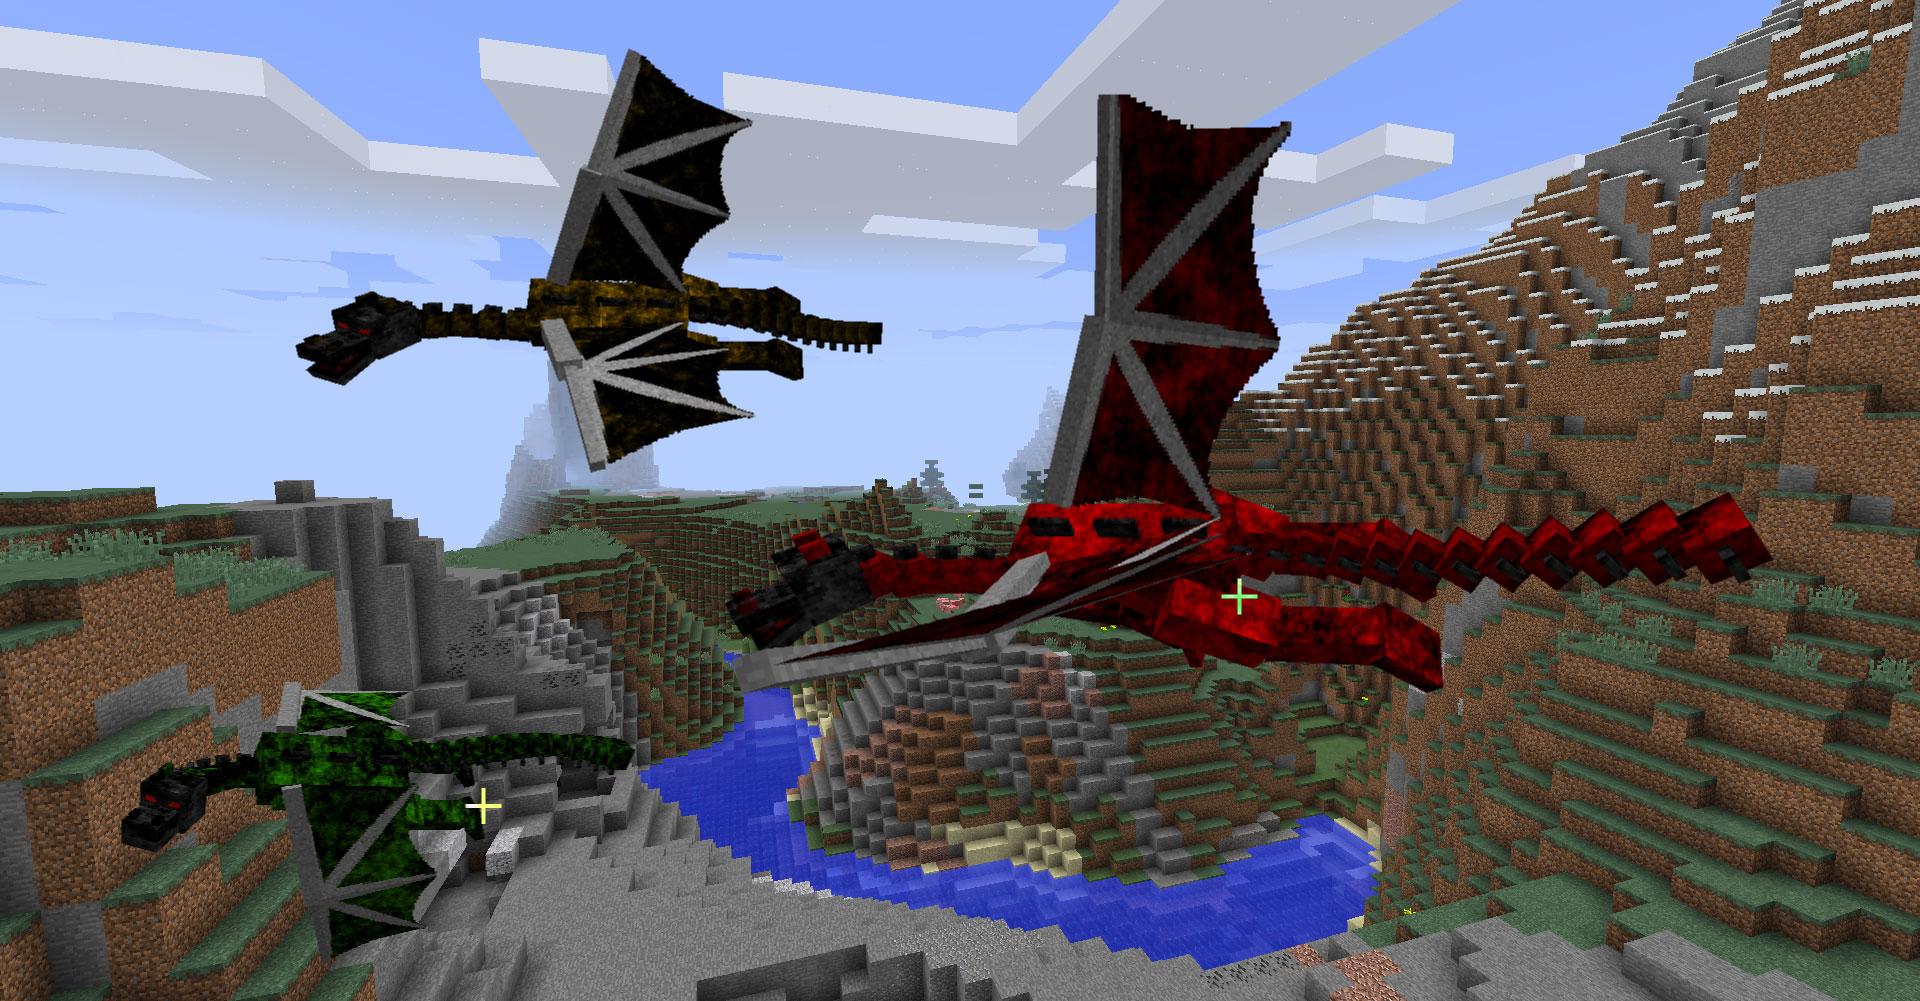 моды на дракона майнкрафт #7